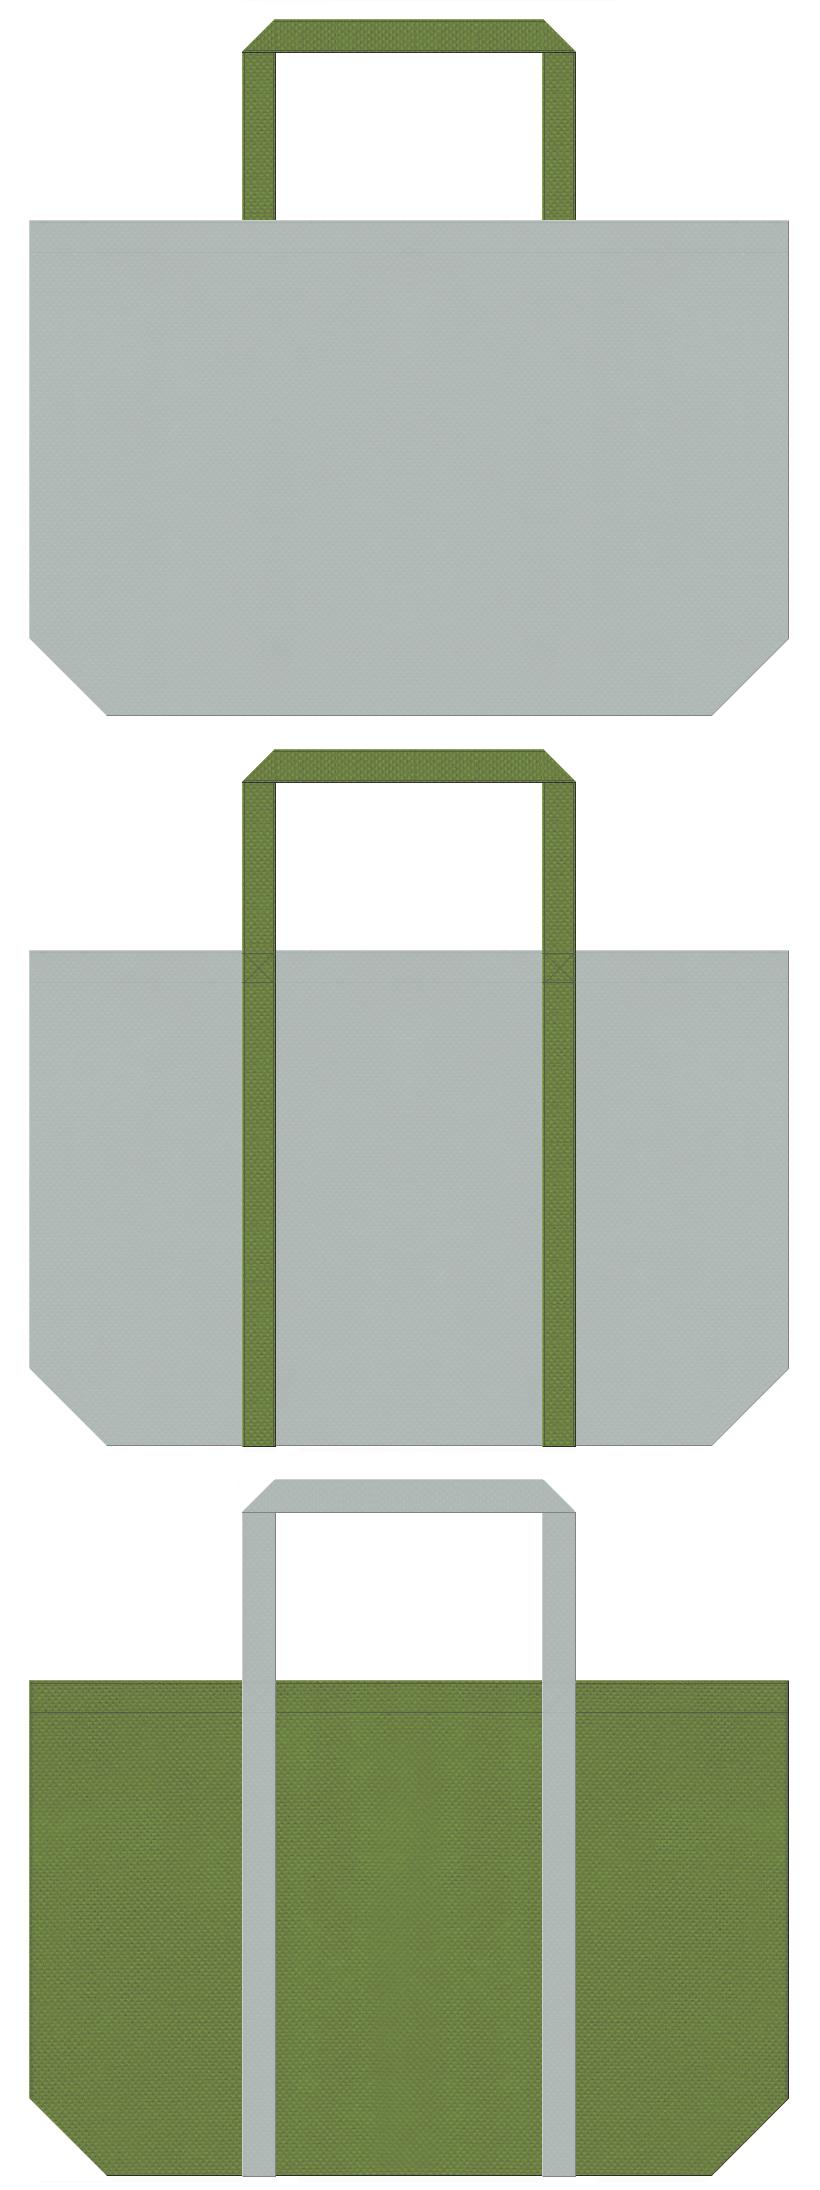 グレー色と草色の不織布エコバッグのデザイン。屋上緑化、壁面緑化等の緑化推進イベントにお奨めの配色です。